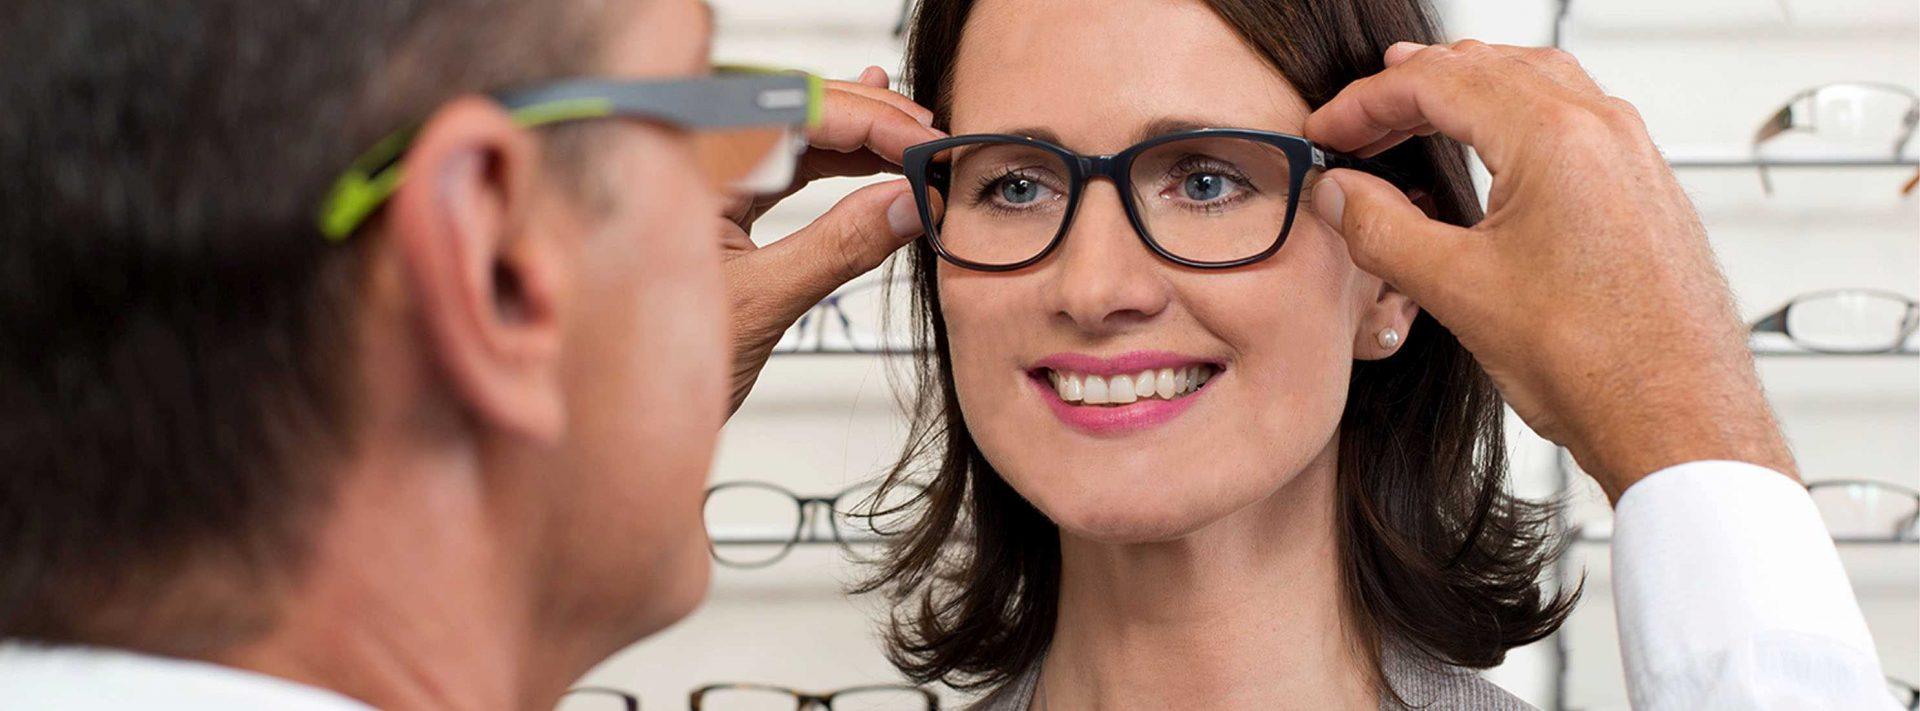 ZEISS single vision lenses